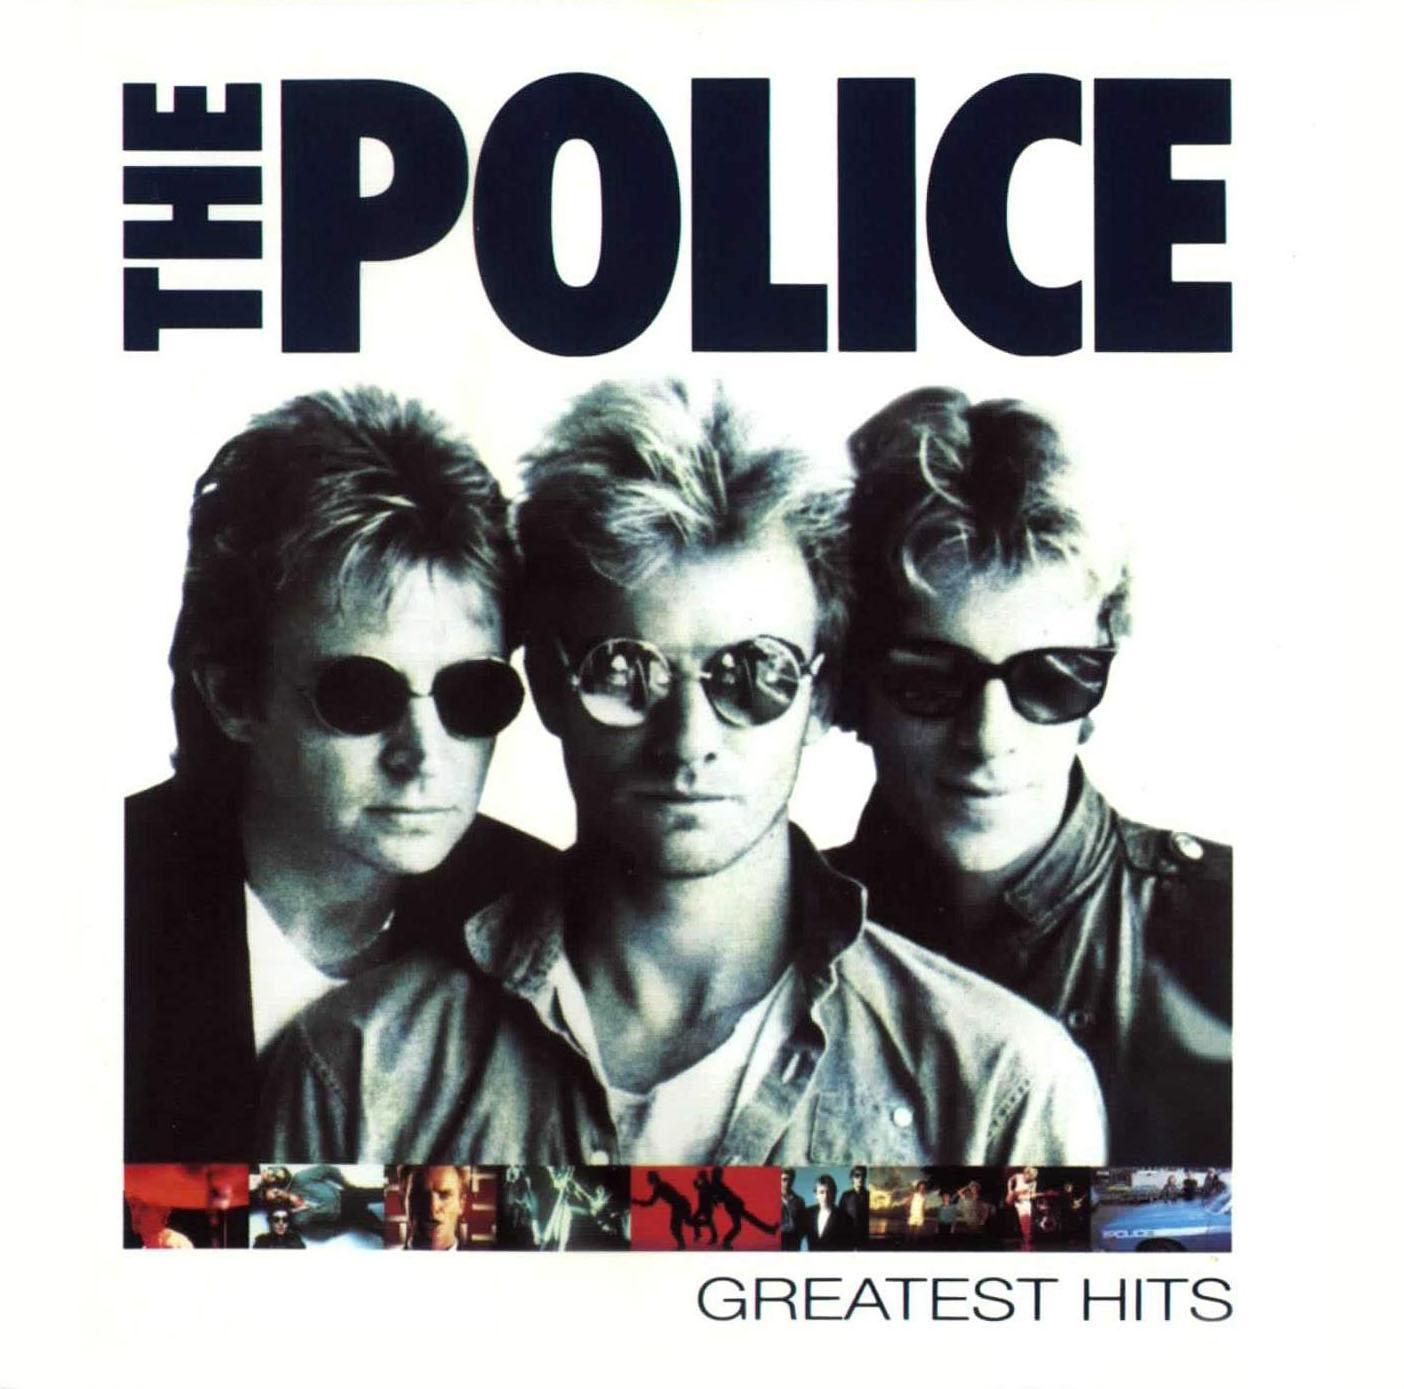 http://3.bp.blogspot.com/_zEST08jrZGs/TJrhM5sLznI/AAAAAAAAAFo/fSE0O_eJBak/s1600/(48)the_police-greatest_hits-frontal%5B1%5D.jpg